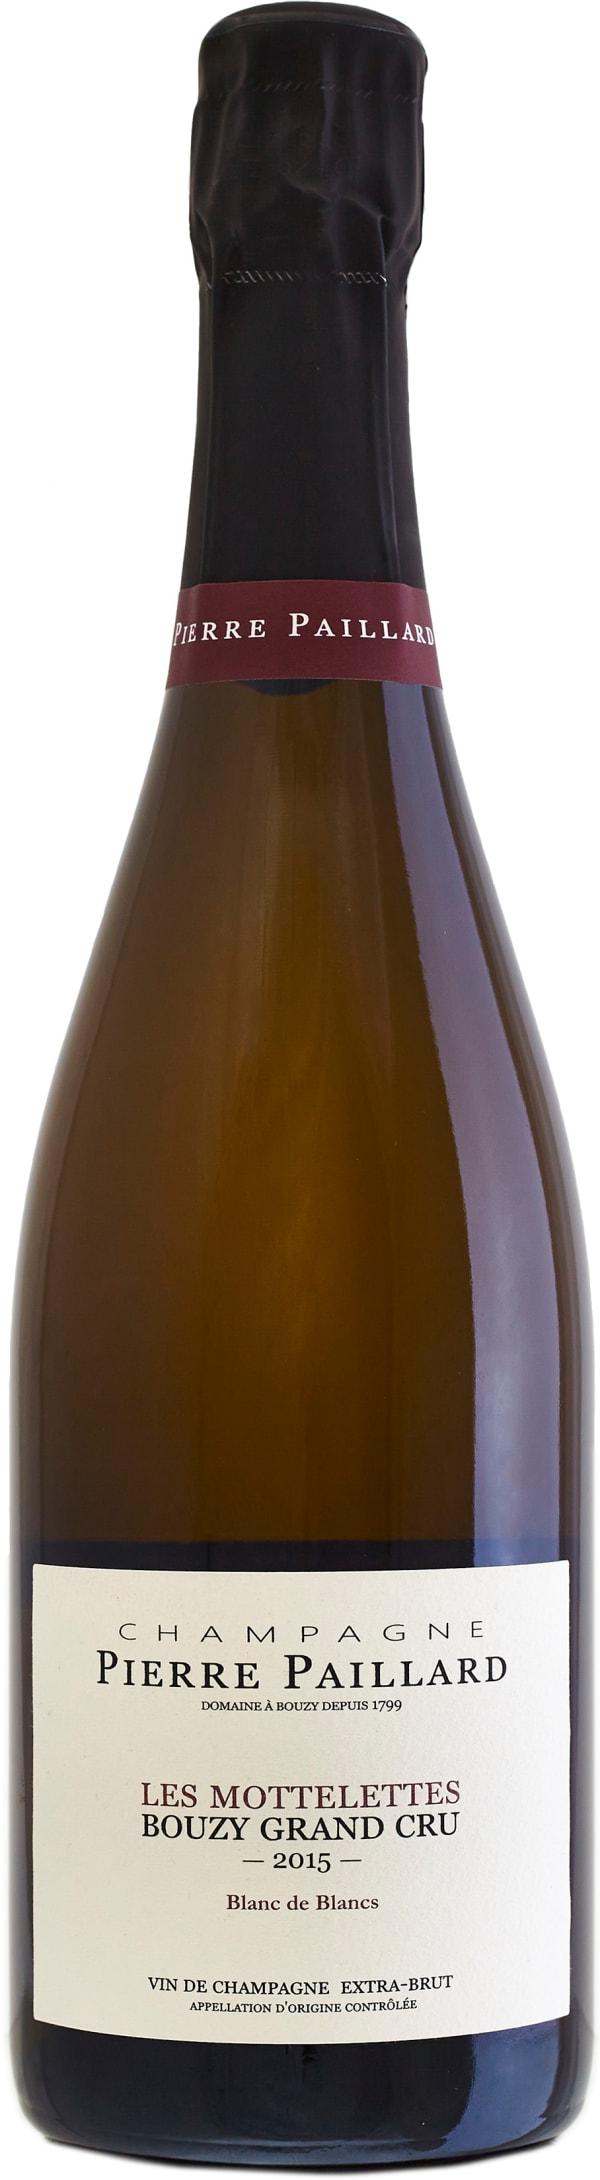 Pierre Paillard Les Mottelettes Grand Cru Blanc de Blancs Champagne Extra Brut 2014